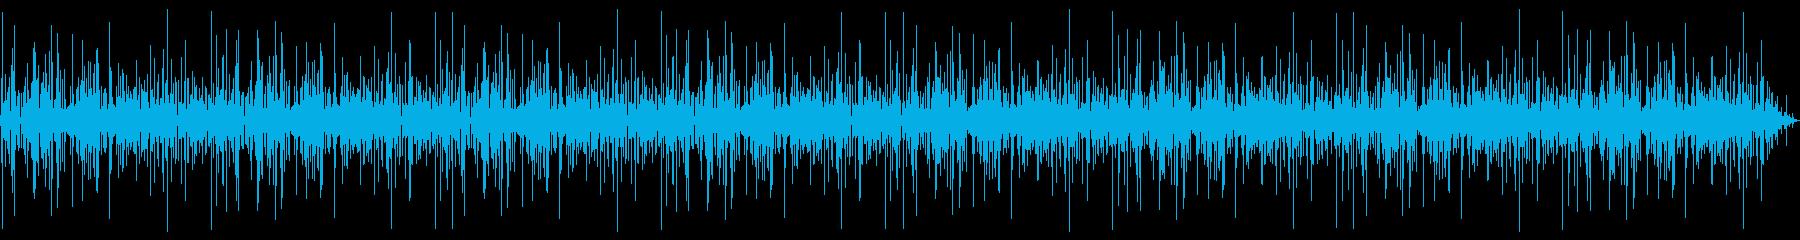 焚き火の音(10分)の再生済みの波形